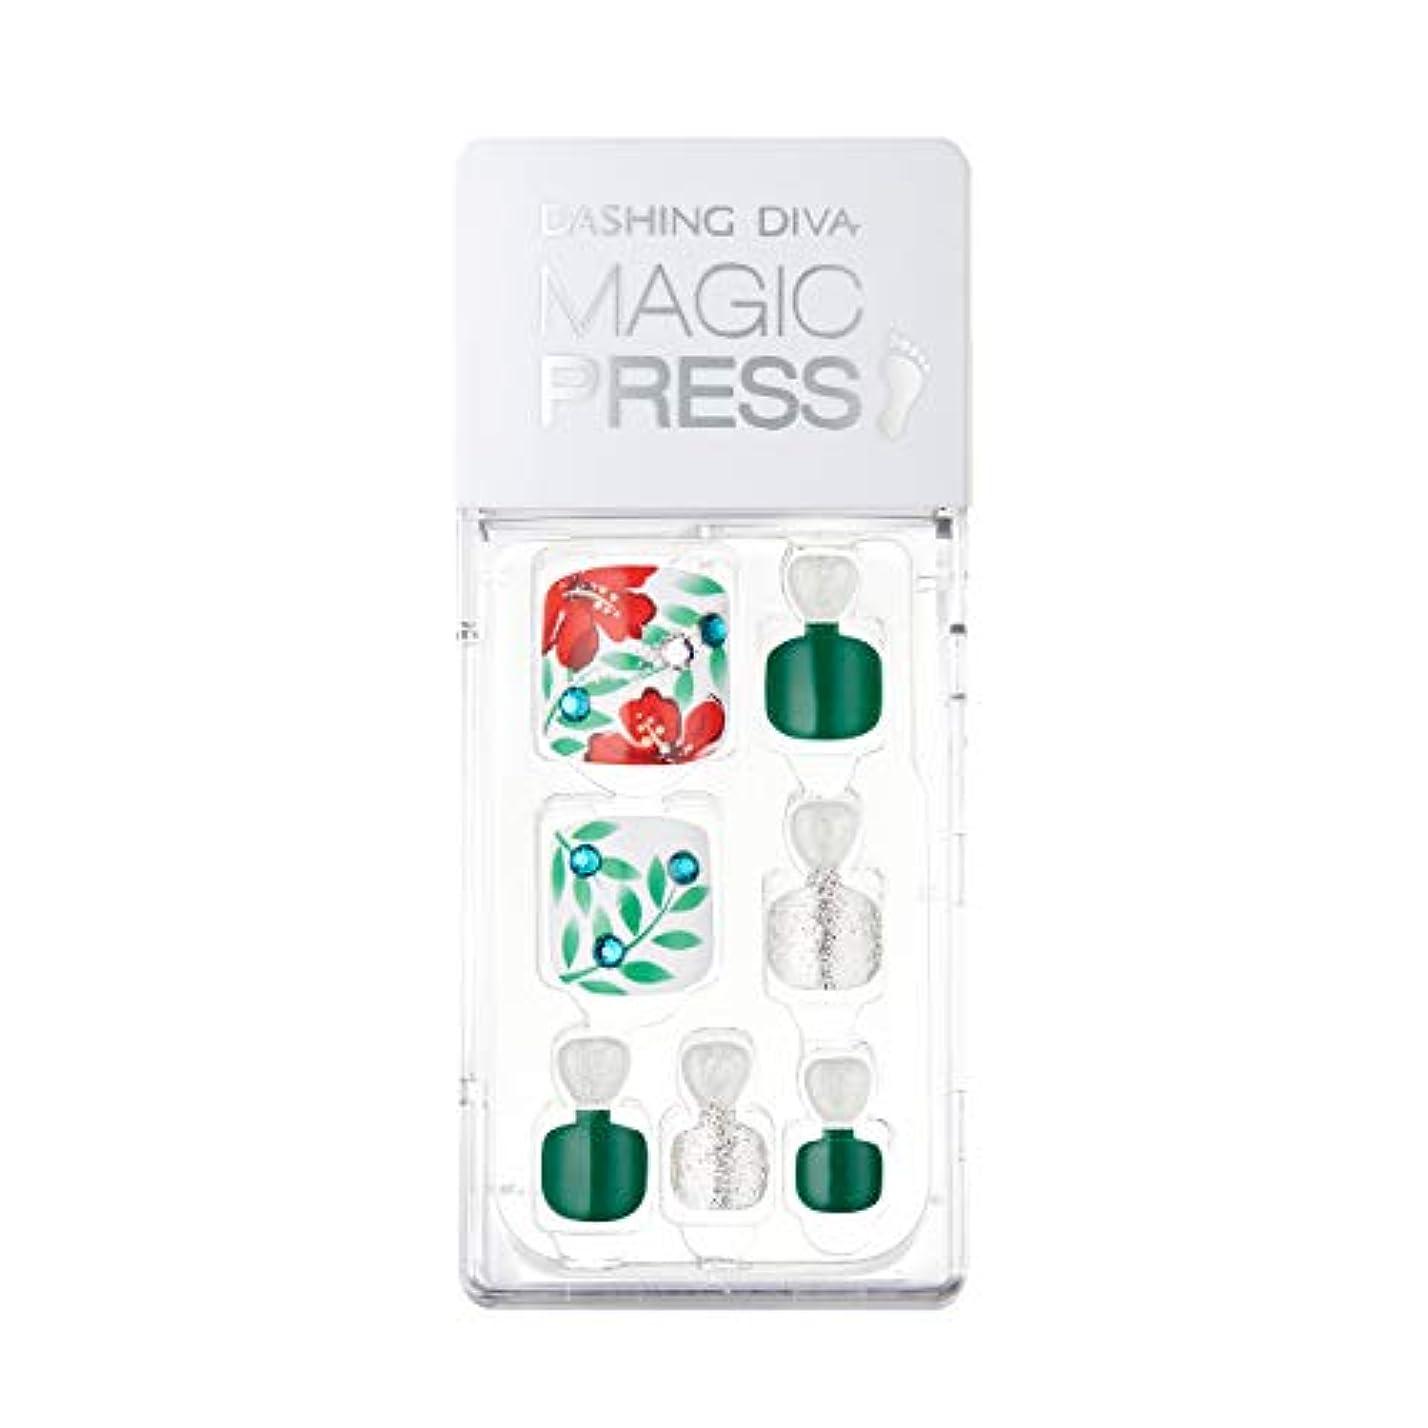 高潔な軽くシャッターダッシングディバ マジックプレス DASHING DIVA MagicPress MDR_377P-DURY+ オリジナルジェル ネイルチップ Maxi Dress